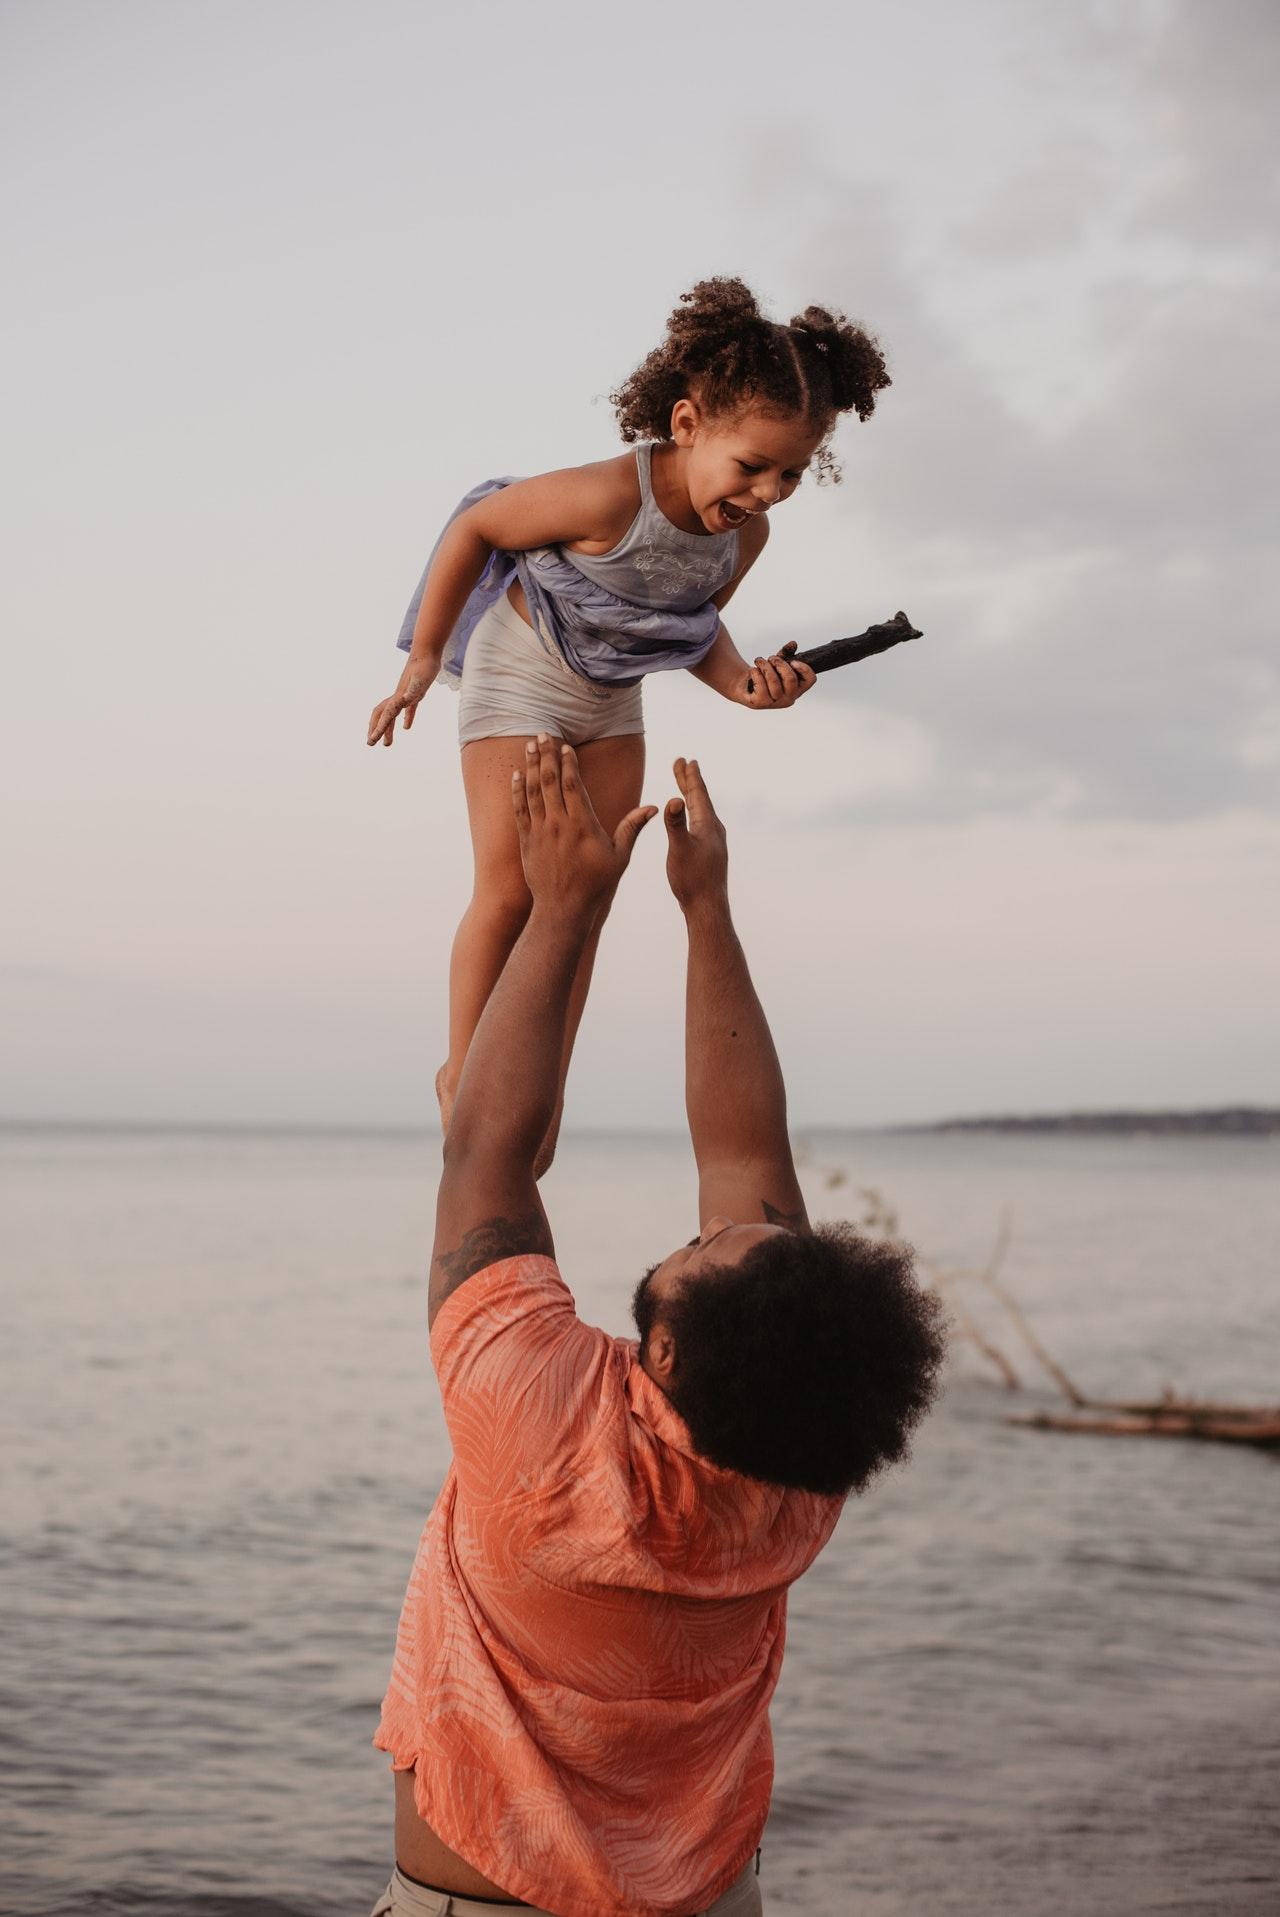 ojciec podrzucający dziecko